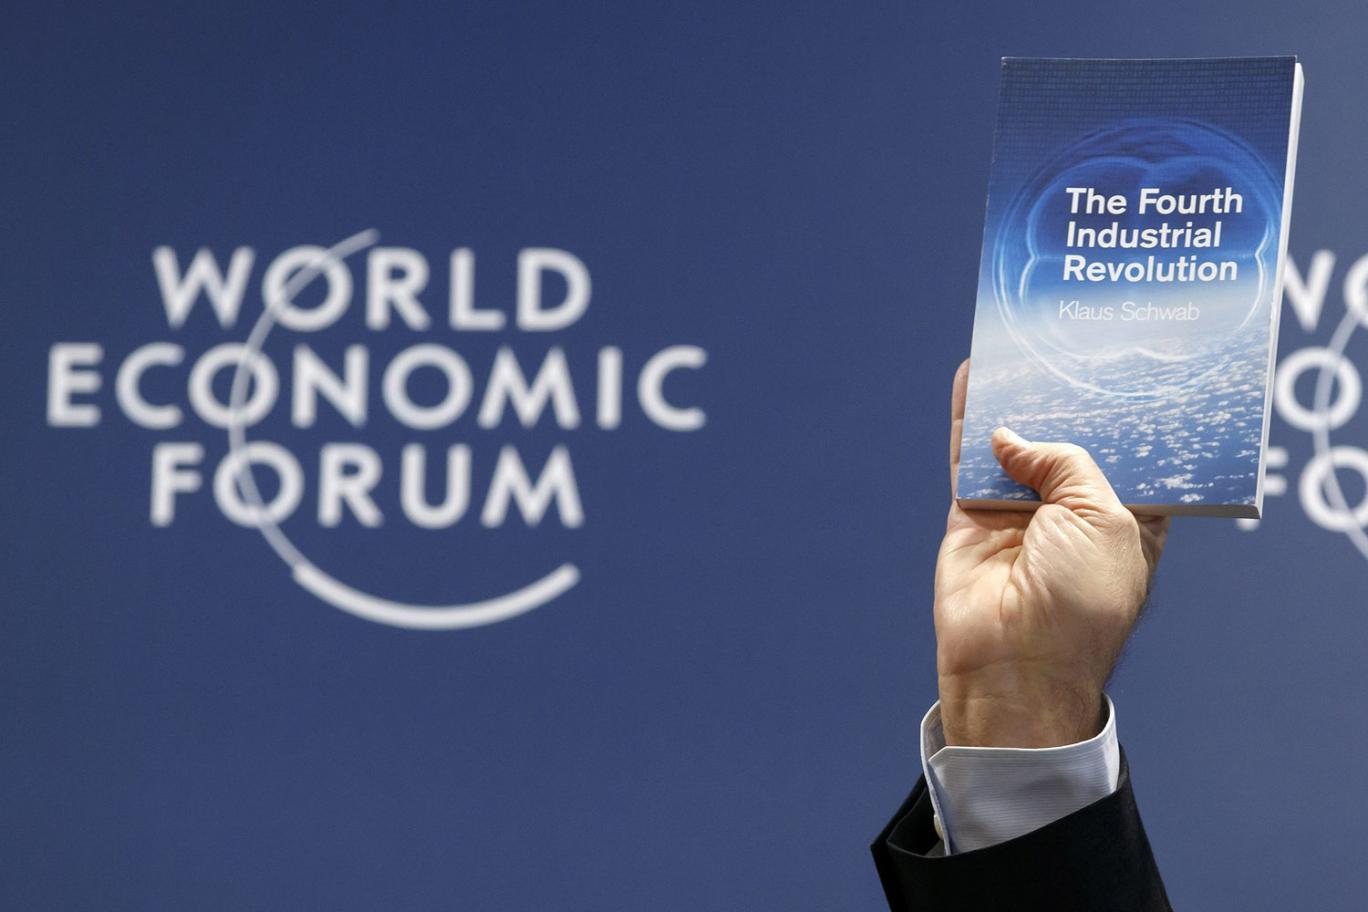 Krize cevap arayan sermayenin Davos'taki gündemi 4. Sanayi Devrimi